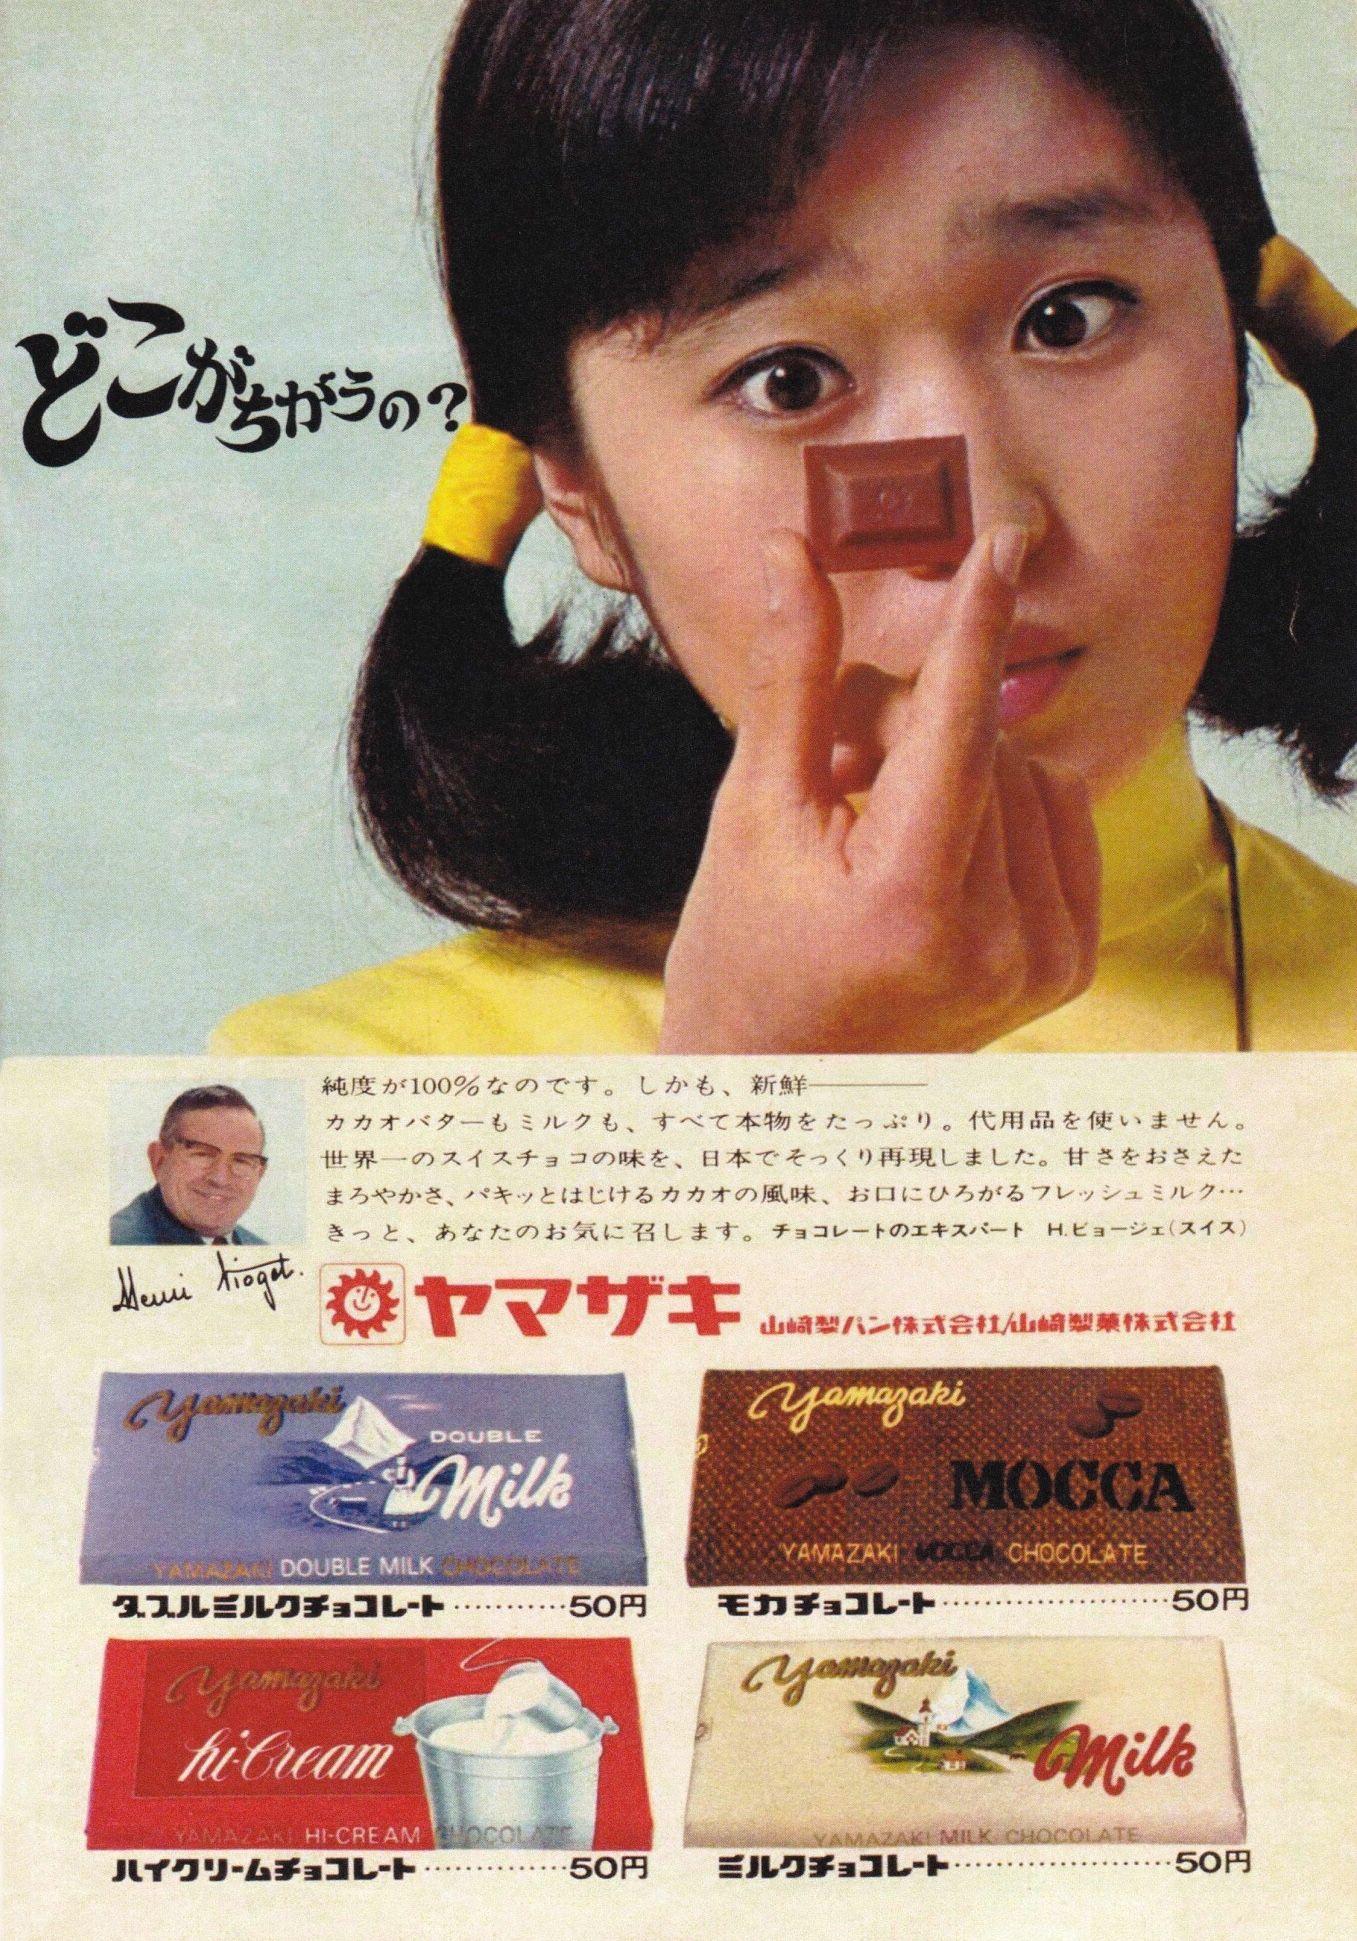 山崎製パン 山崎製菓 ヤマザキ チョコレート 広告 1969 レトロな広告 懐かしいお菓子 古い広告